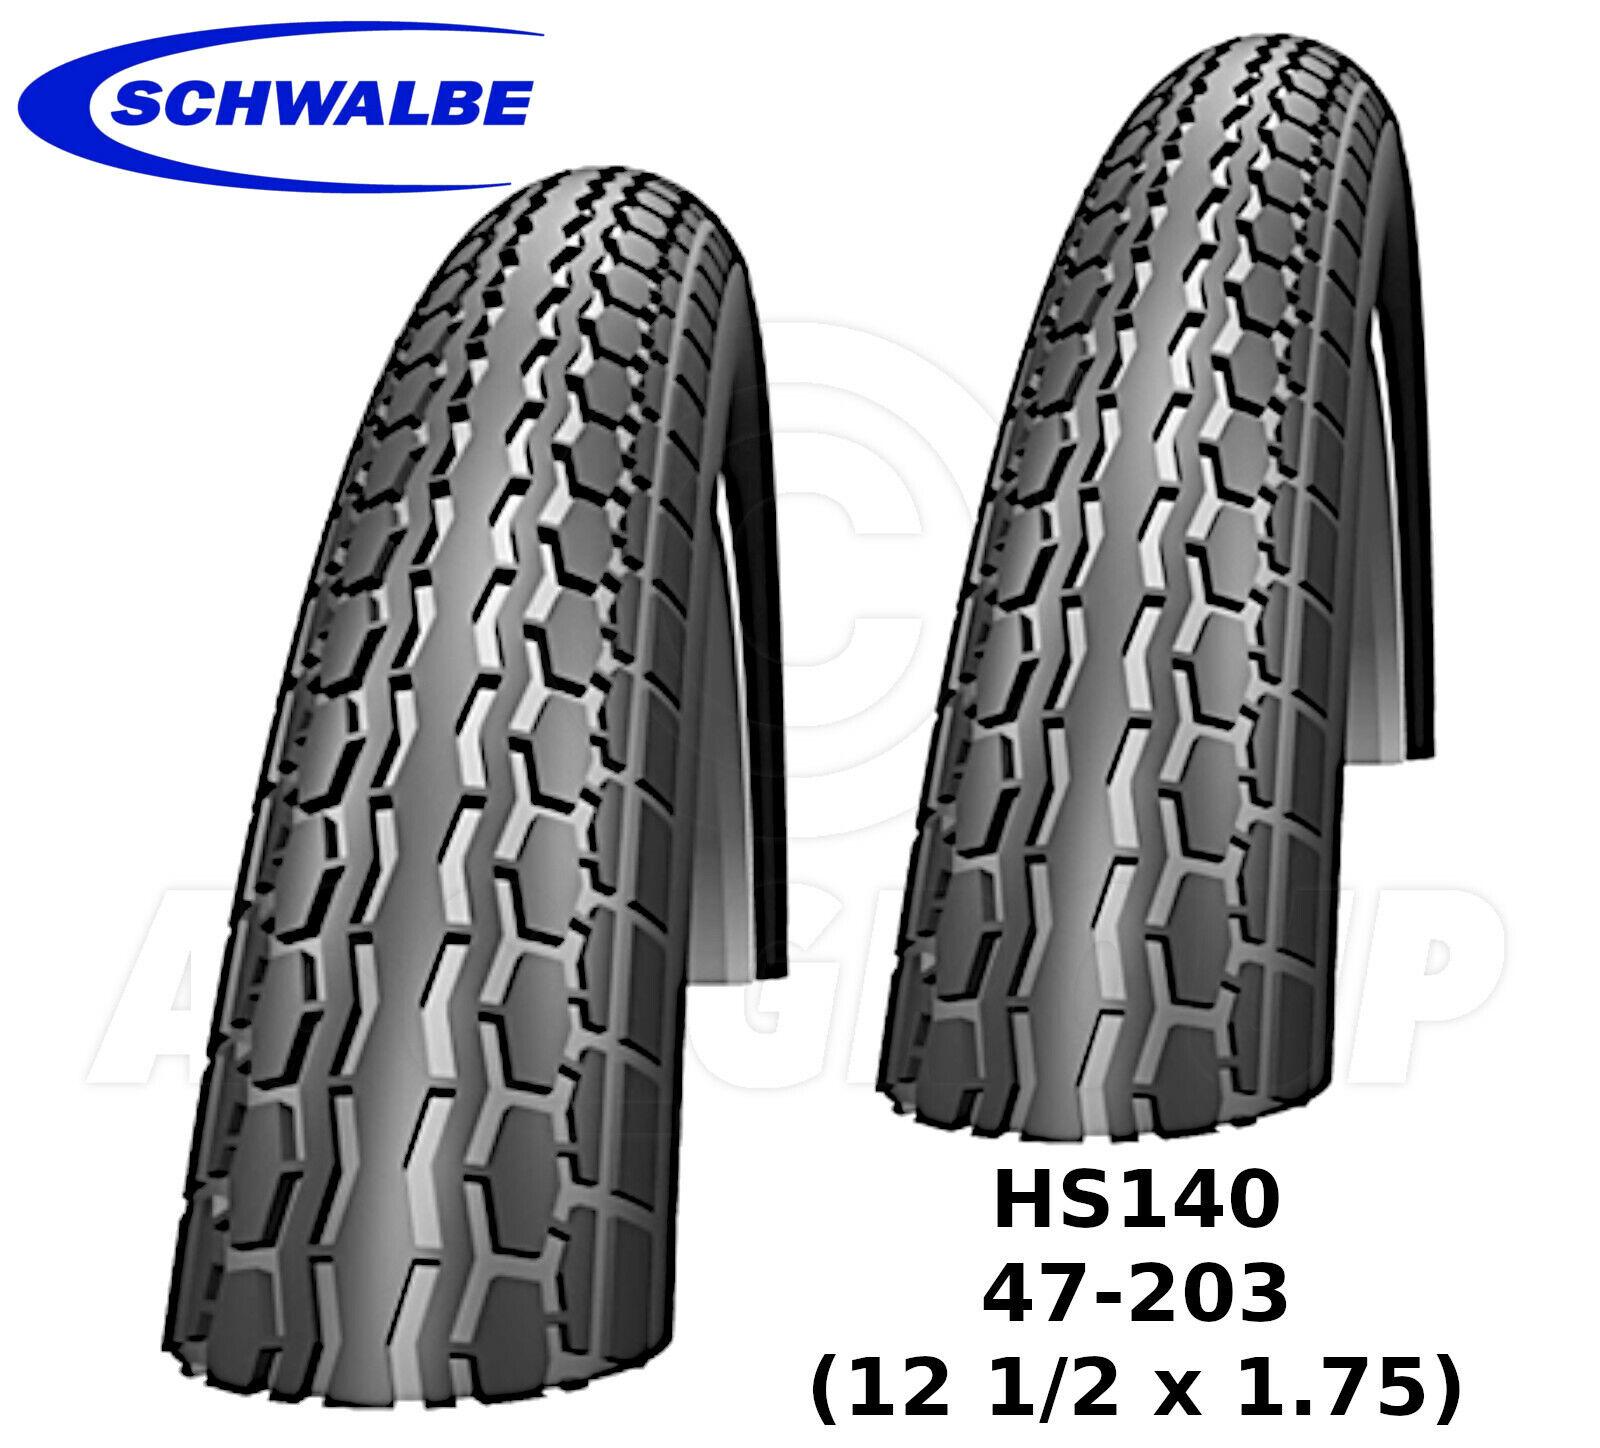 Schwalbe HS140 47-203 (12 1 2 X 1.75) - Stoß  Stuhl,Kinderwagen Reifen (K-Schutz)  discount sales